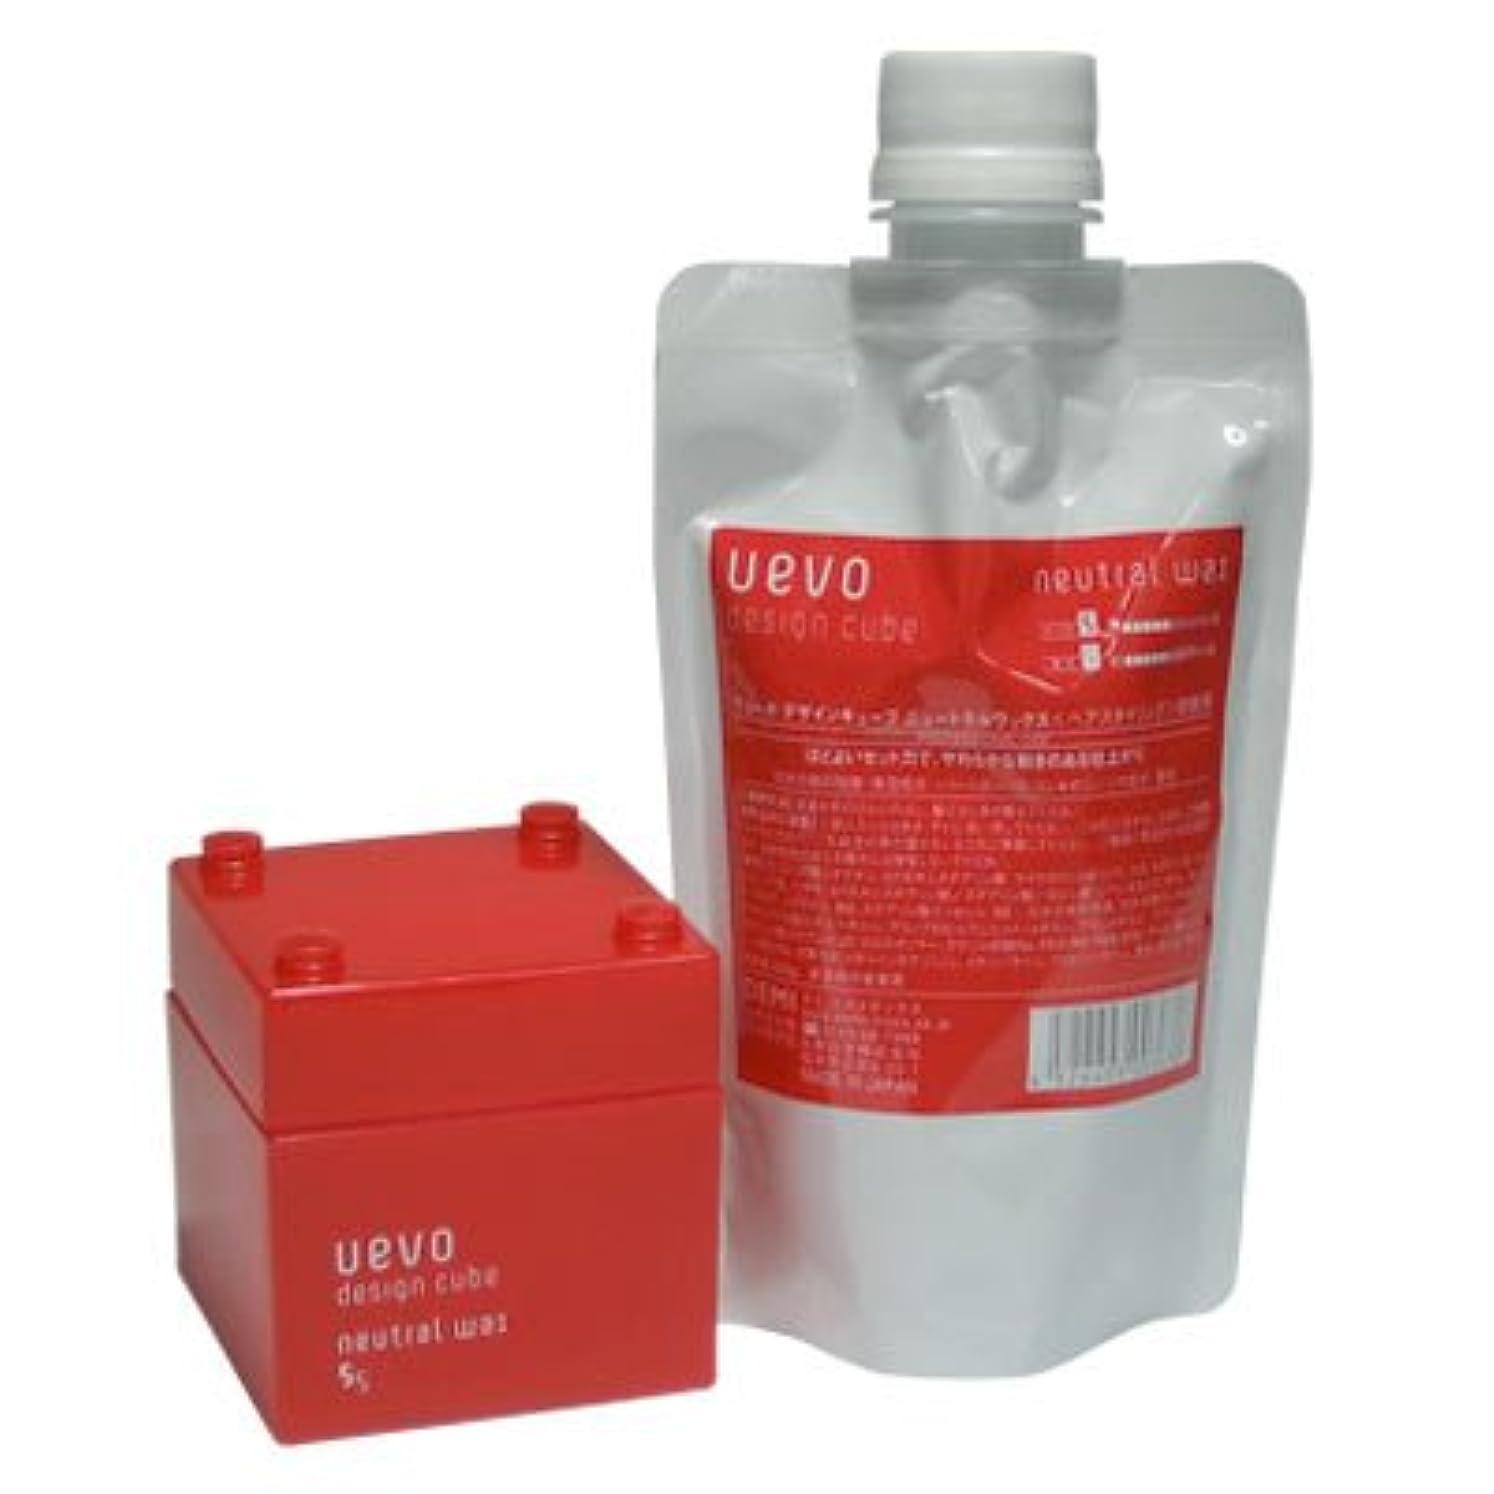 取り除く醸造所流用するデミ ウェーボ デザインキューブ ニュートラルワックス 5-5 80g&200g